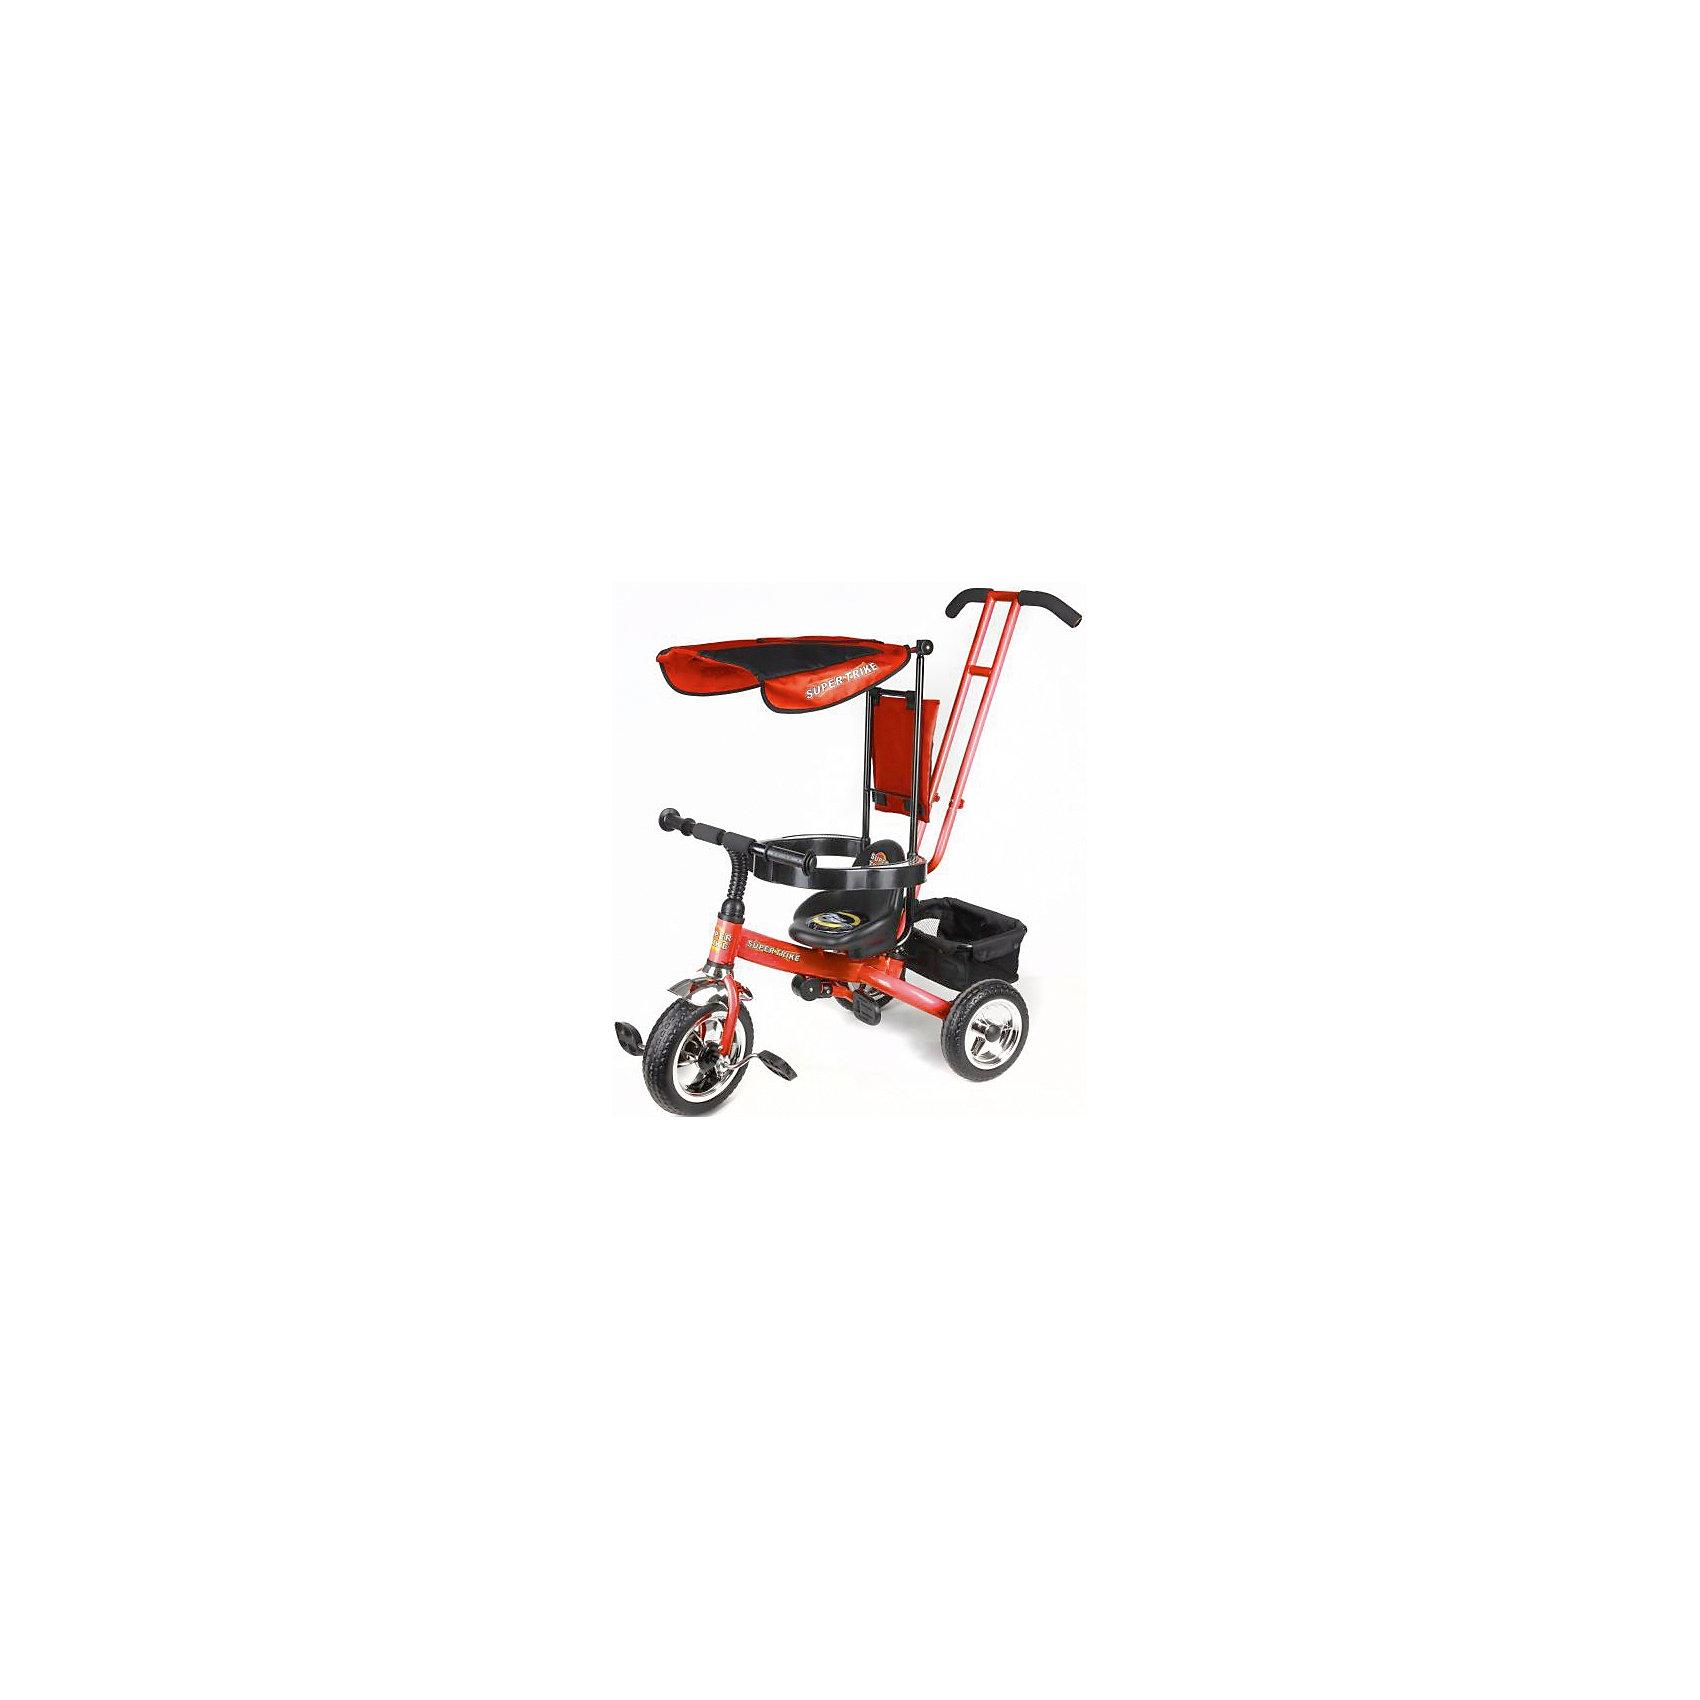 Трехколесный велосипед, оранжевый,  Super TrikeВелосипеды детские<br>Трехколесный велосипед Super Trike - прекрасный вариант для прогулок с малышом! Большие литые колеса гарантируют отличную проходимость и амортизацию. Дуга безопасности, бампер, складная подножка - обеспечат комфорт и надежную защиту, сетчатый тент убережет малыша от прямых солнечных лучей. Для родителей предусмотрена специальная ручка, которая помогает управлять велосипедом, меняя угол поворота переднего колеса. Велосипед имеет удобную корзину для вещей и игрушек.  <br><br>Дополнительная информация:<br><br>- Материал: пластик, металл, текстиль.<br>- Размер: 83 x 52 x 97 см.<br>- Количество колес: 3.<br>- Литые колеса: D - 10 и 8 дюймов<br>- Ручка для родителей. <br>- Дуга безопасности.<br>- Тент от солнца.<br>- Подножки под сиденьем.<br>- Багажная корзина.<br>- Максимальный вес ребенка: 25 кг.<br><br>Трехколесный велосипед, оранжевый, Super Trike, можно купить в нашем магазине.<br><br>Ширина мм: 610<br>Глубина мм: 260<br>Высота мм: 400<br>Вес г: 8700<br>Возраст от месяцев: 12<br>Возраст до месяцев: 36<br>Пол: Унисекс<br>Возраст: Детский<br>SKU: 4618190